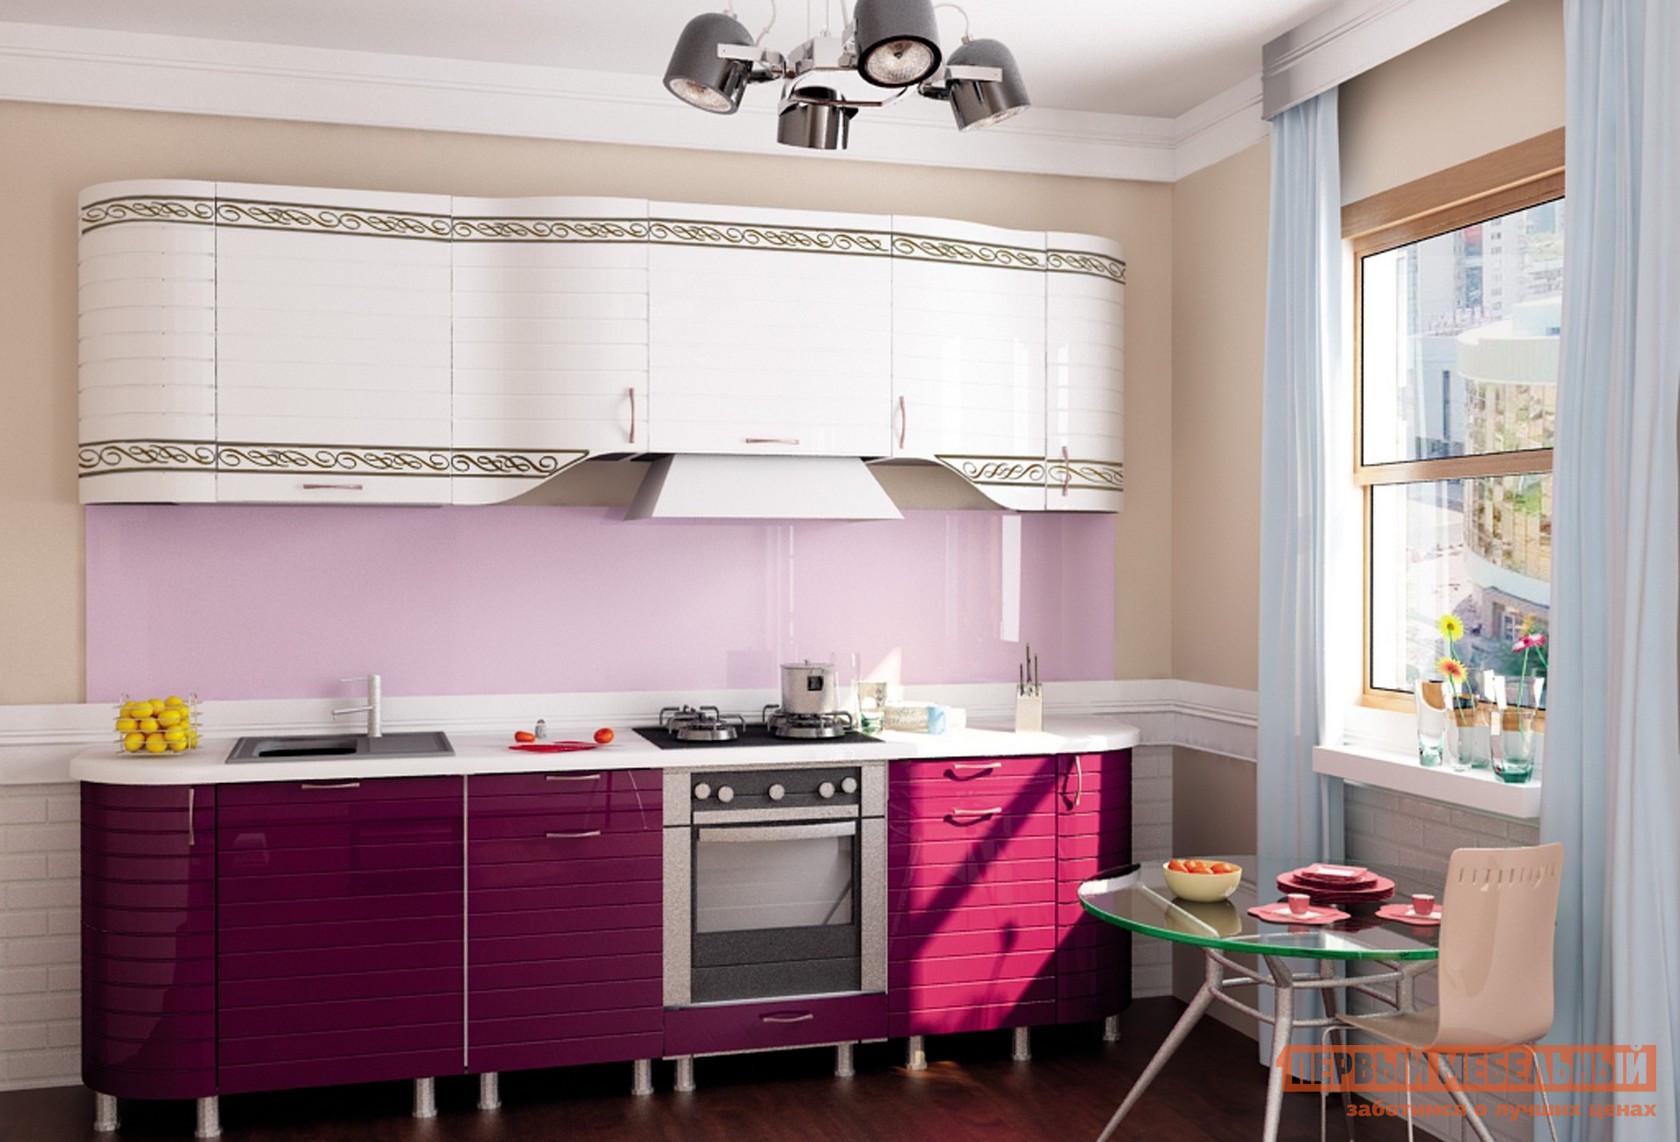 Кухонный гарнитур Любимый дом Анастасия 270 см кухонный гарнитур трия оливия 240 см